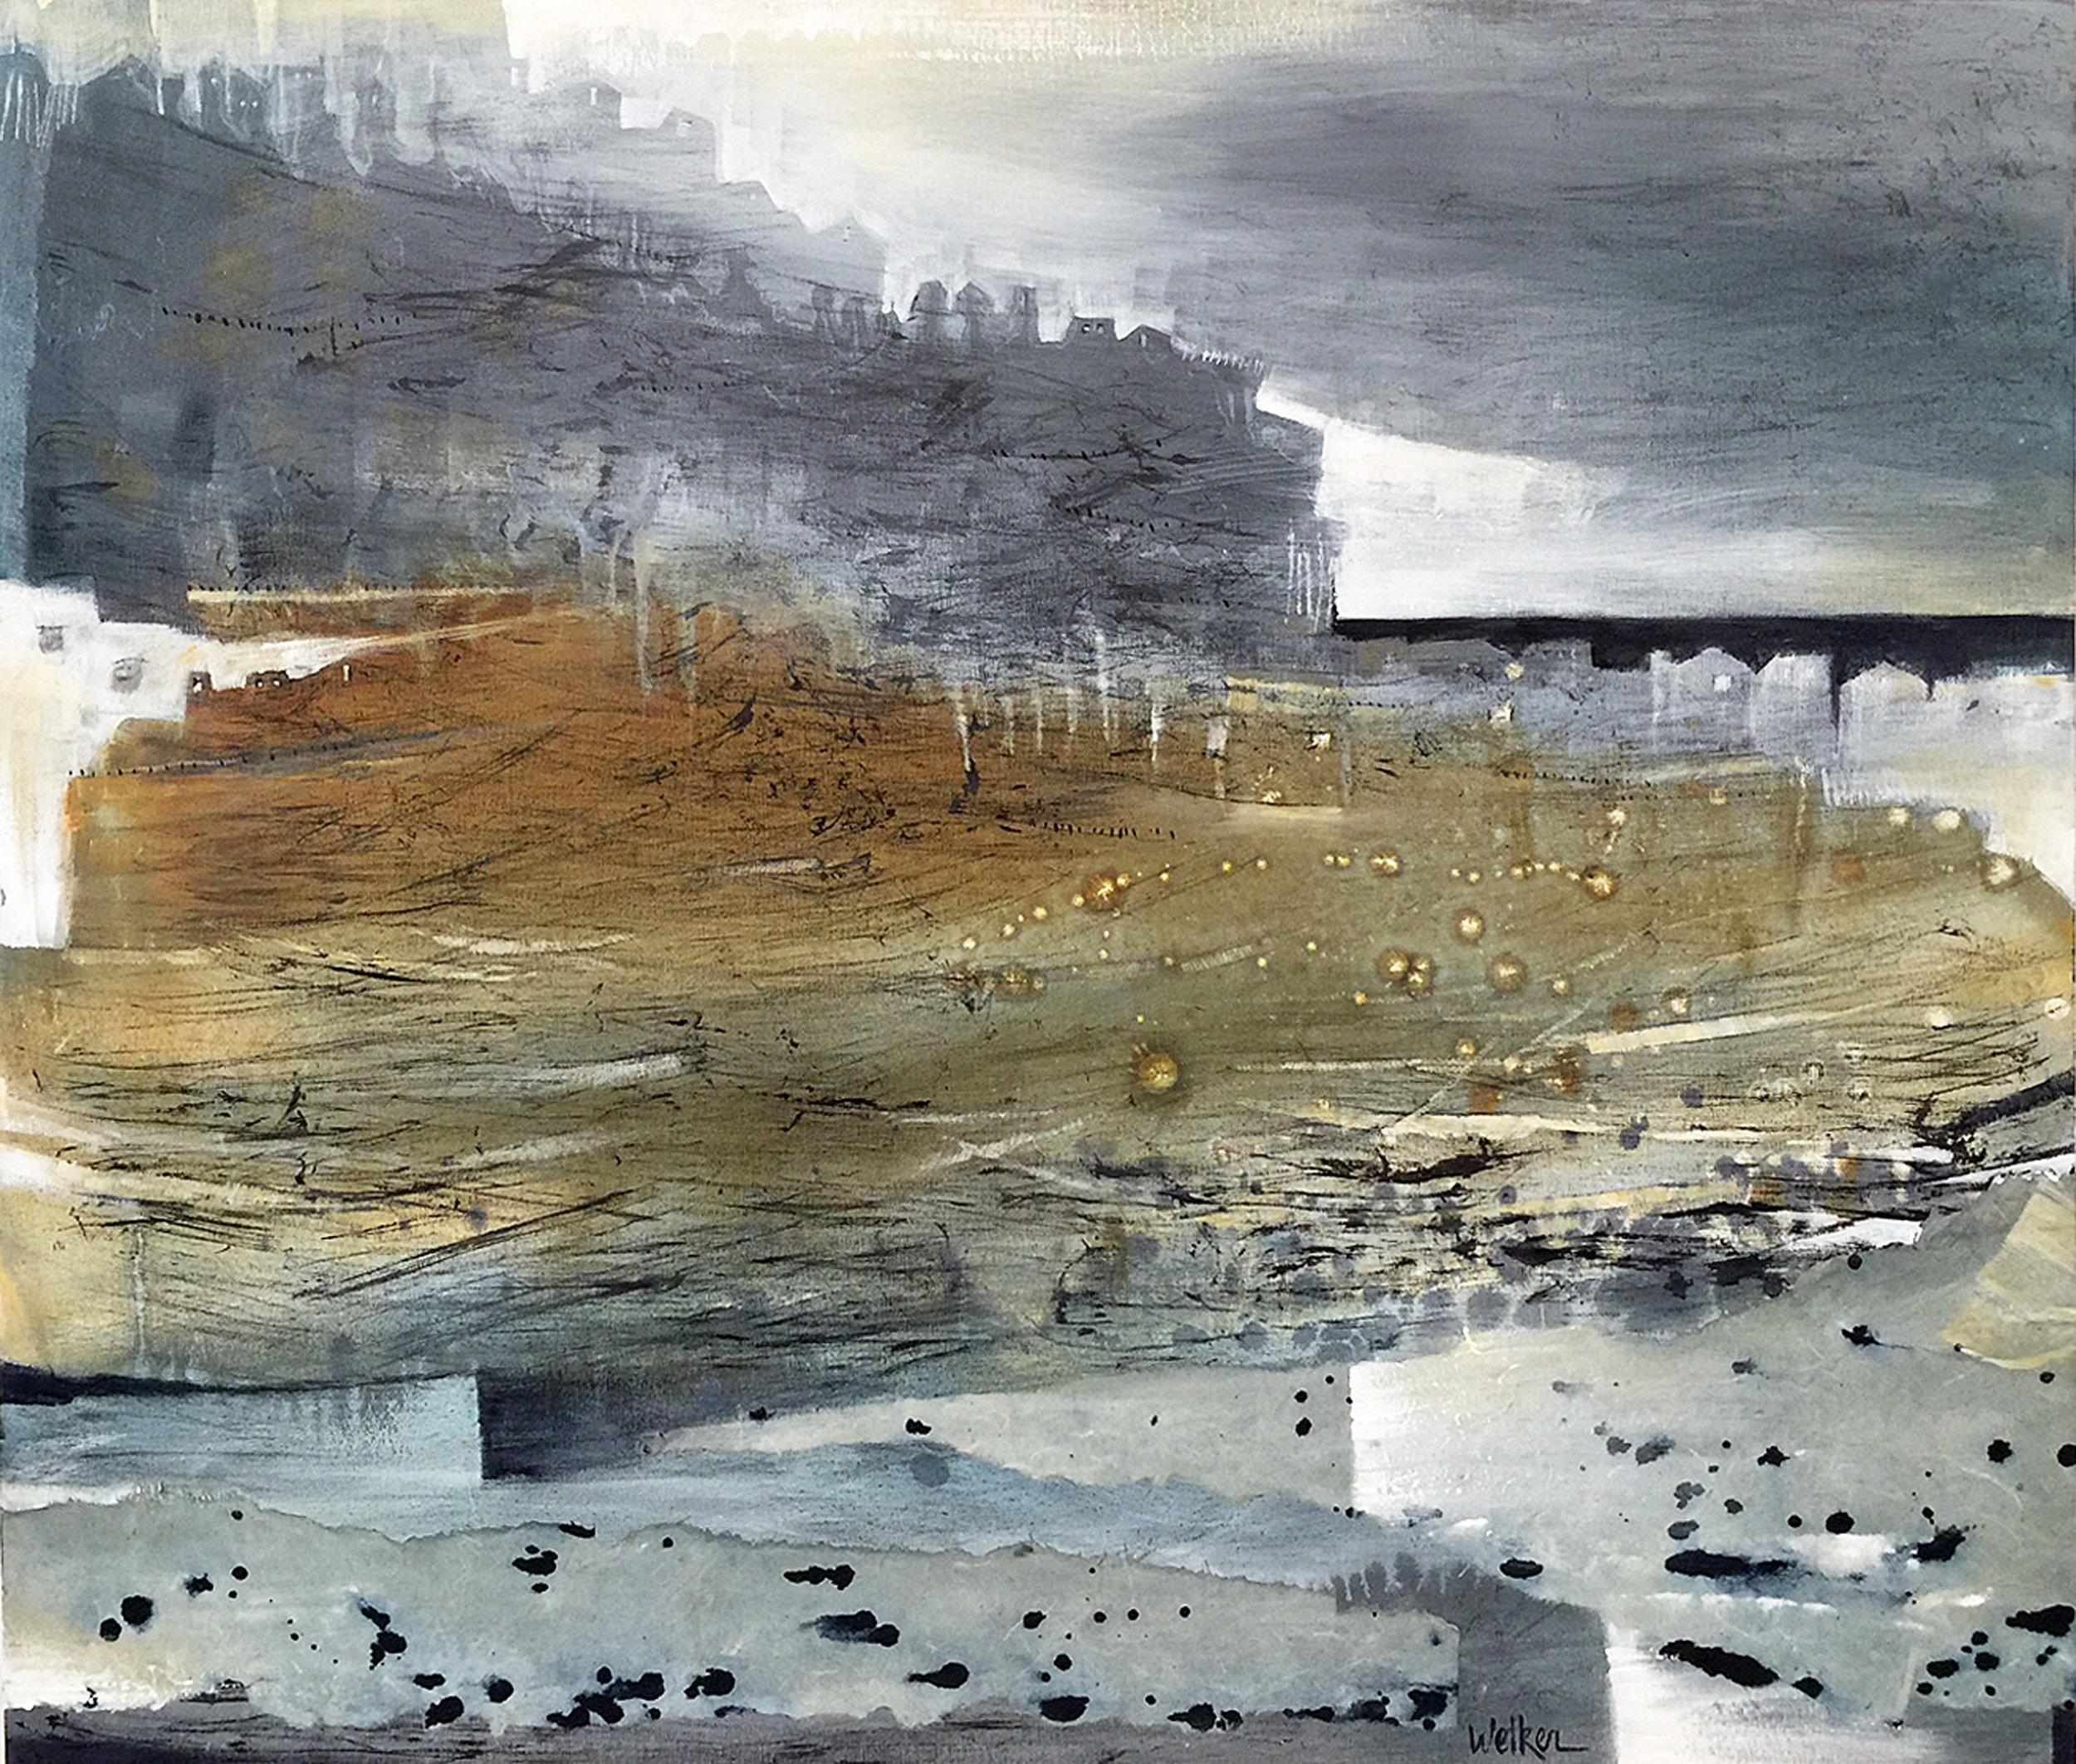 Lynn Welker by Skyline - $4,500